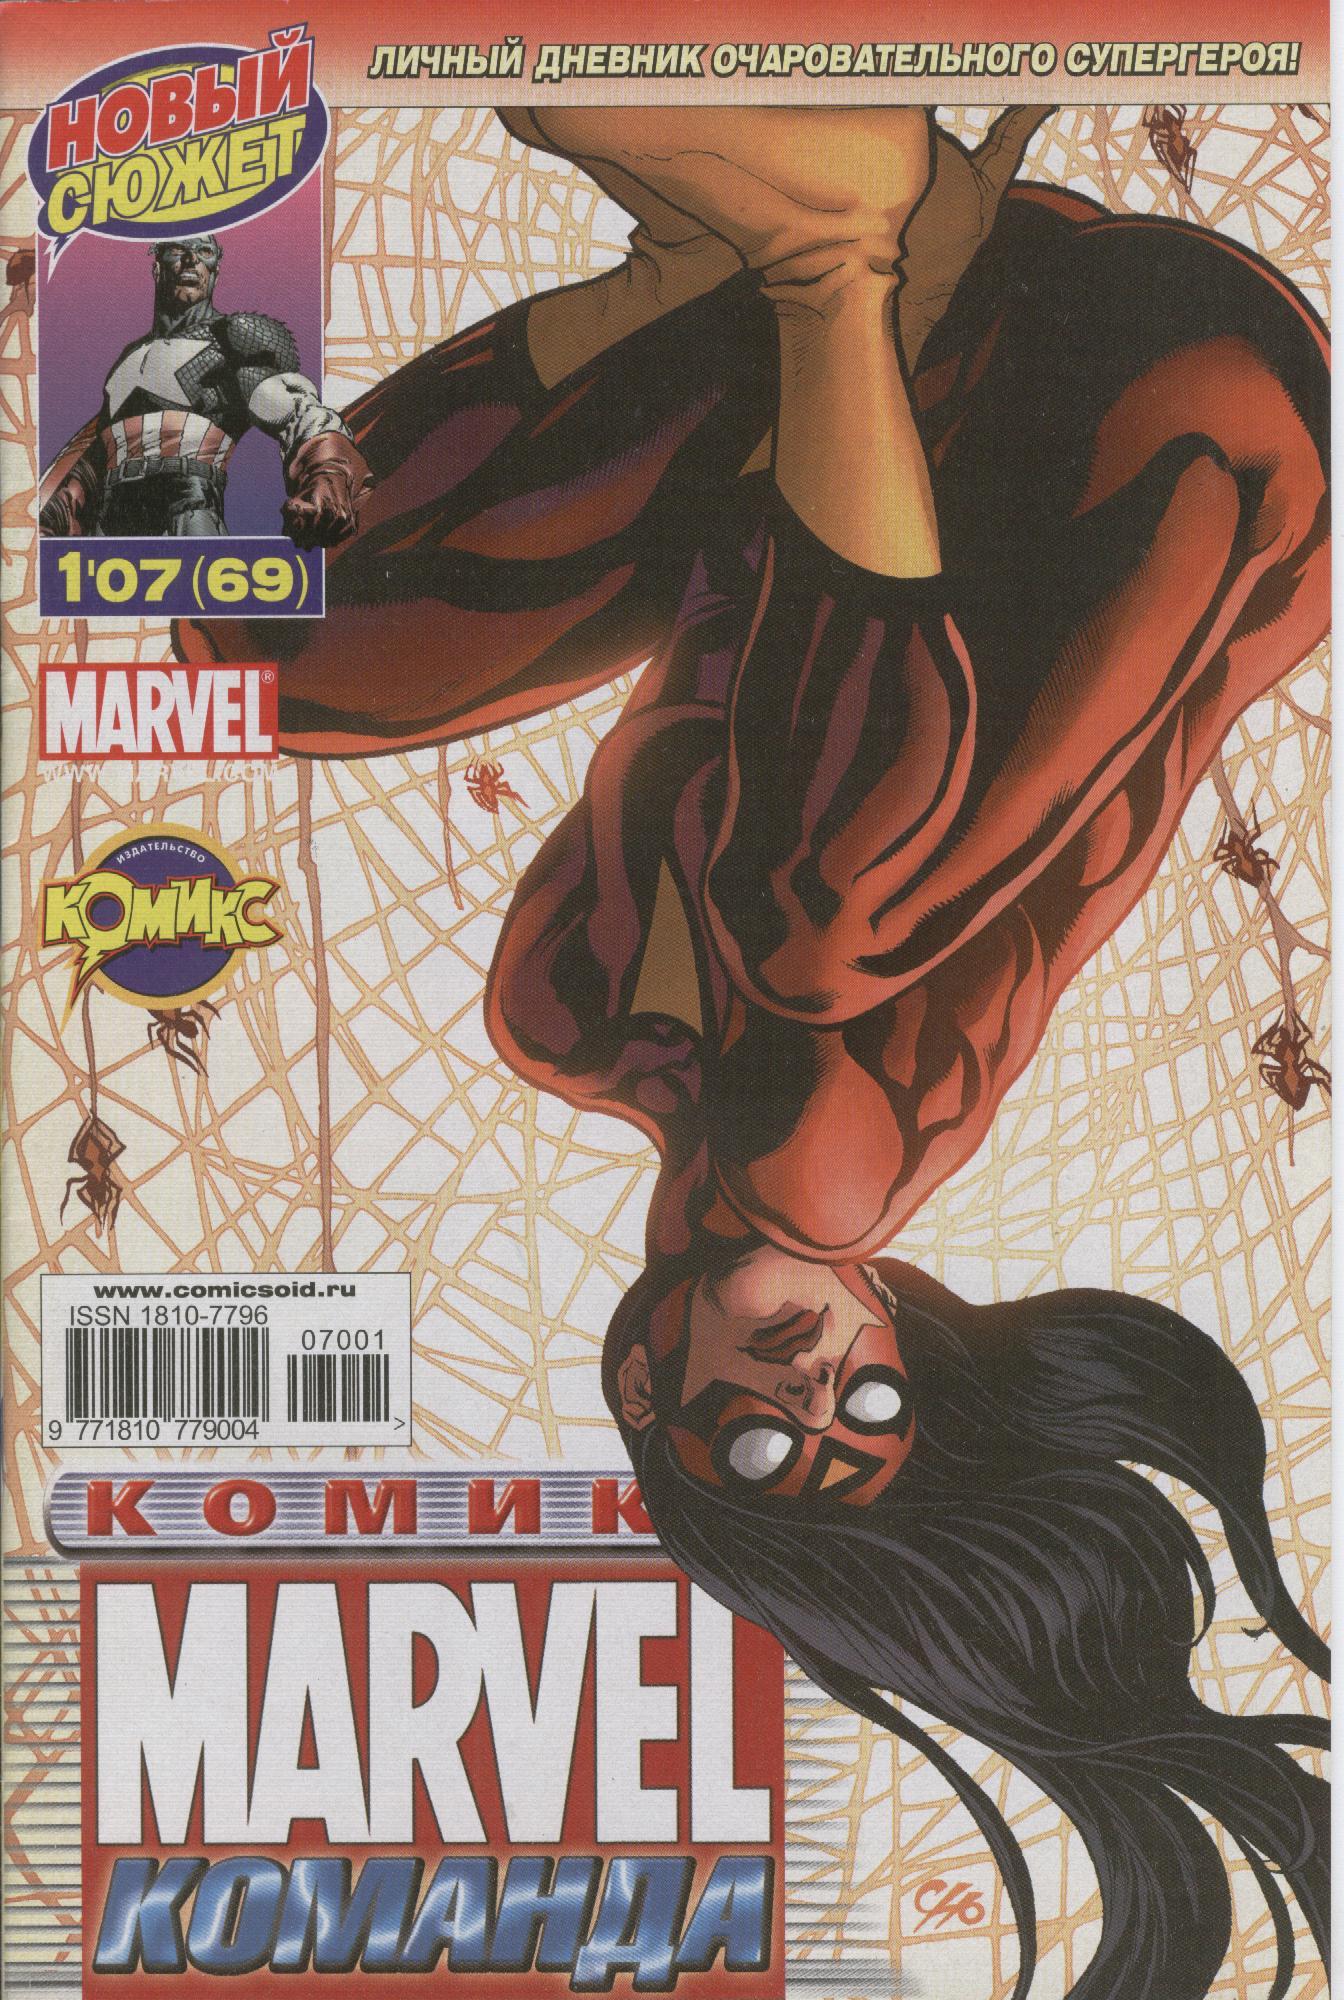 Комиксы Онлайн - Марвел Команда ИДК - # 15 - Страница №1 - Marvel Команда ИДК - Marvel Команда # 69